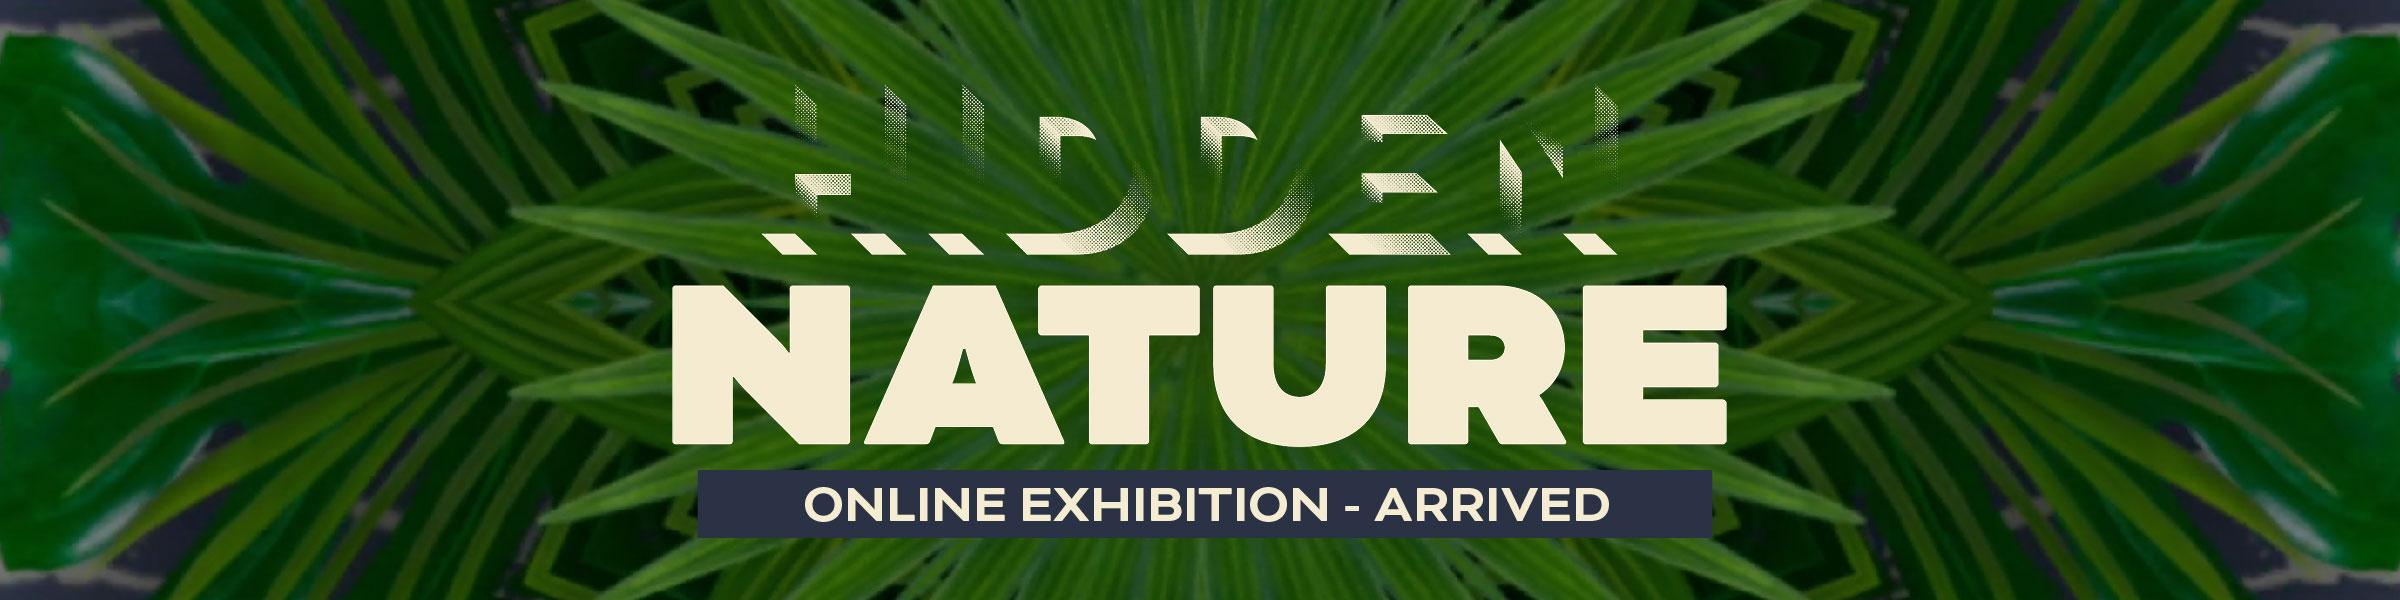 Hidden nature exhibition - open now